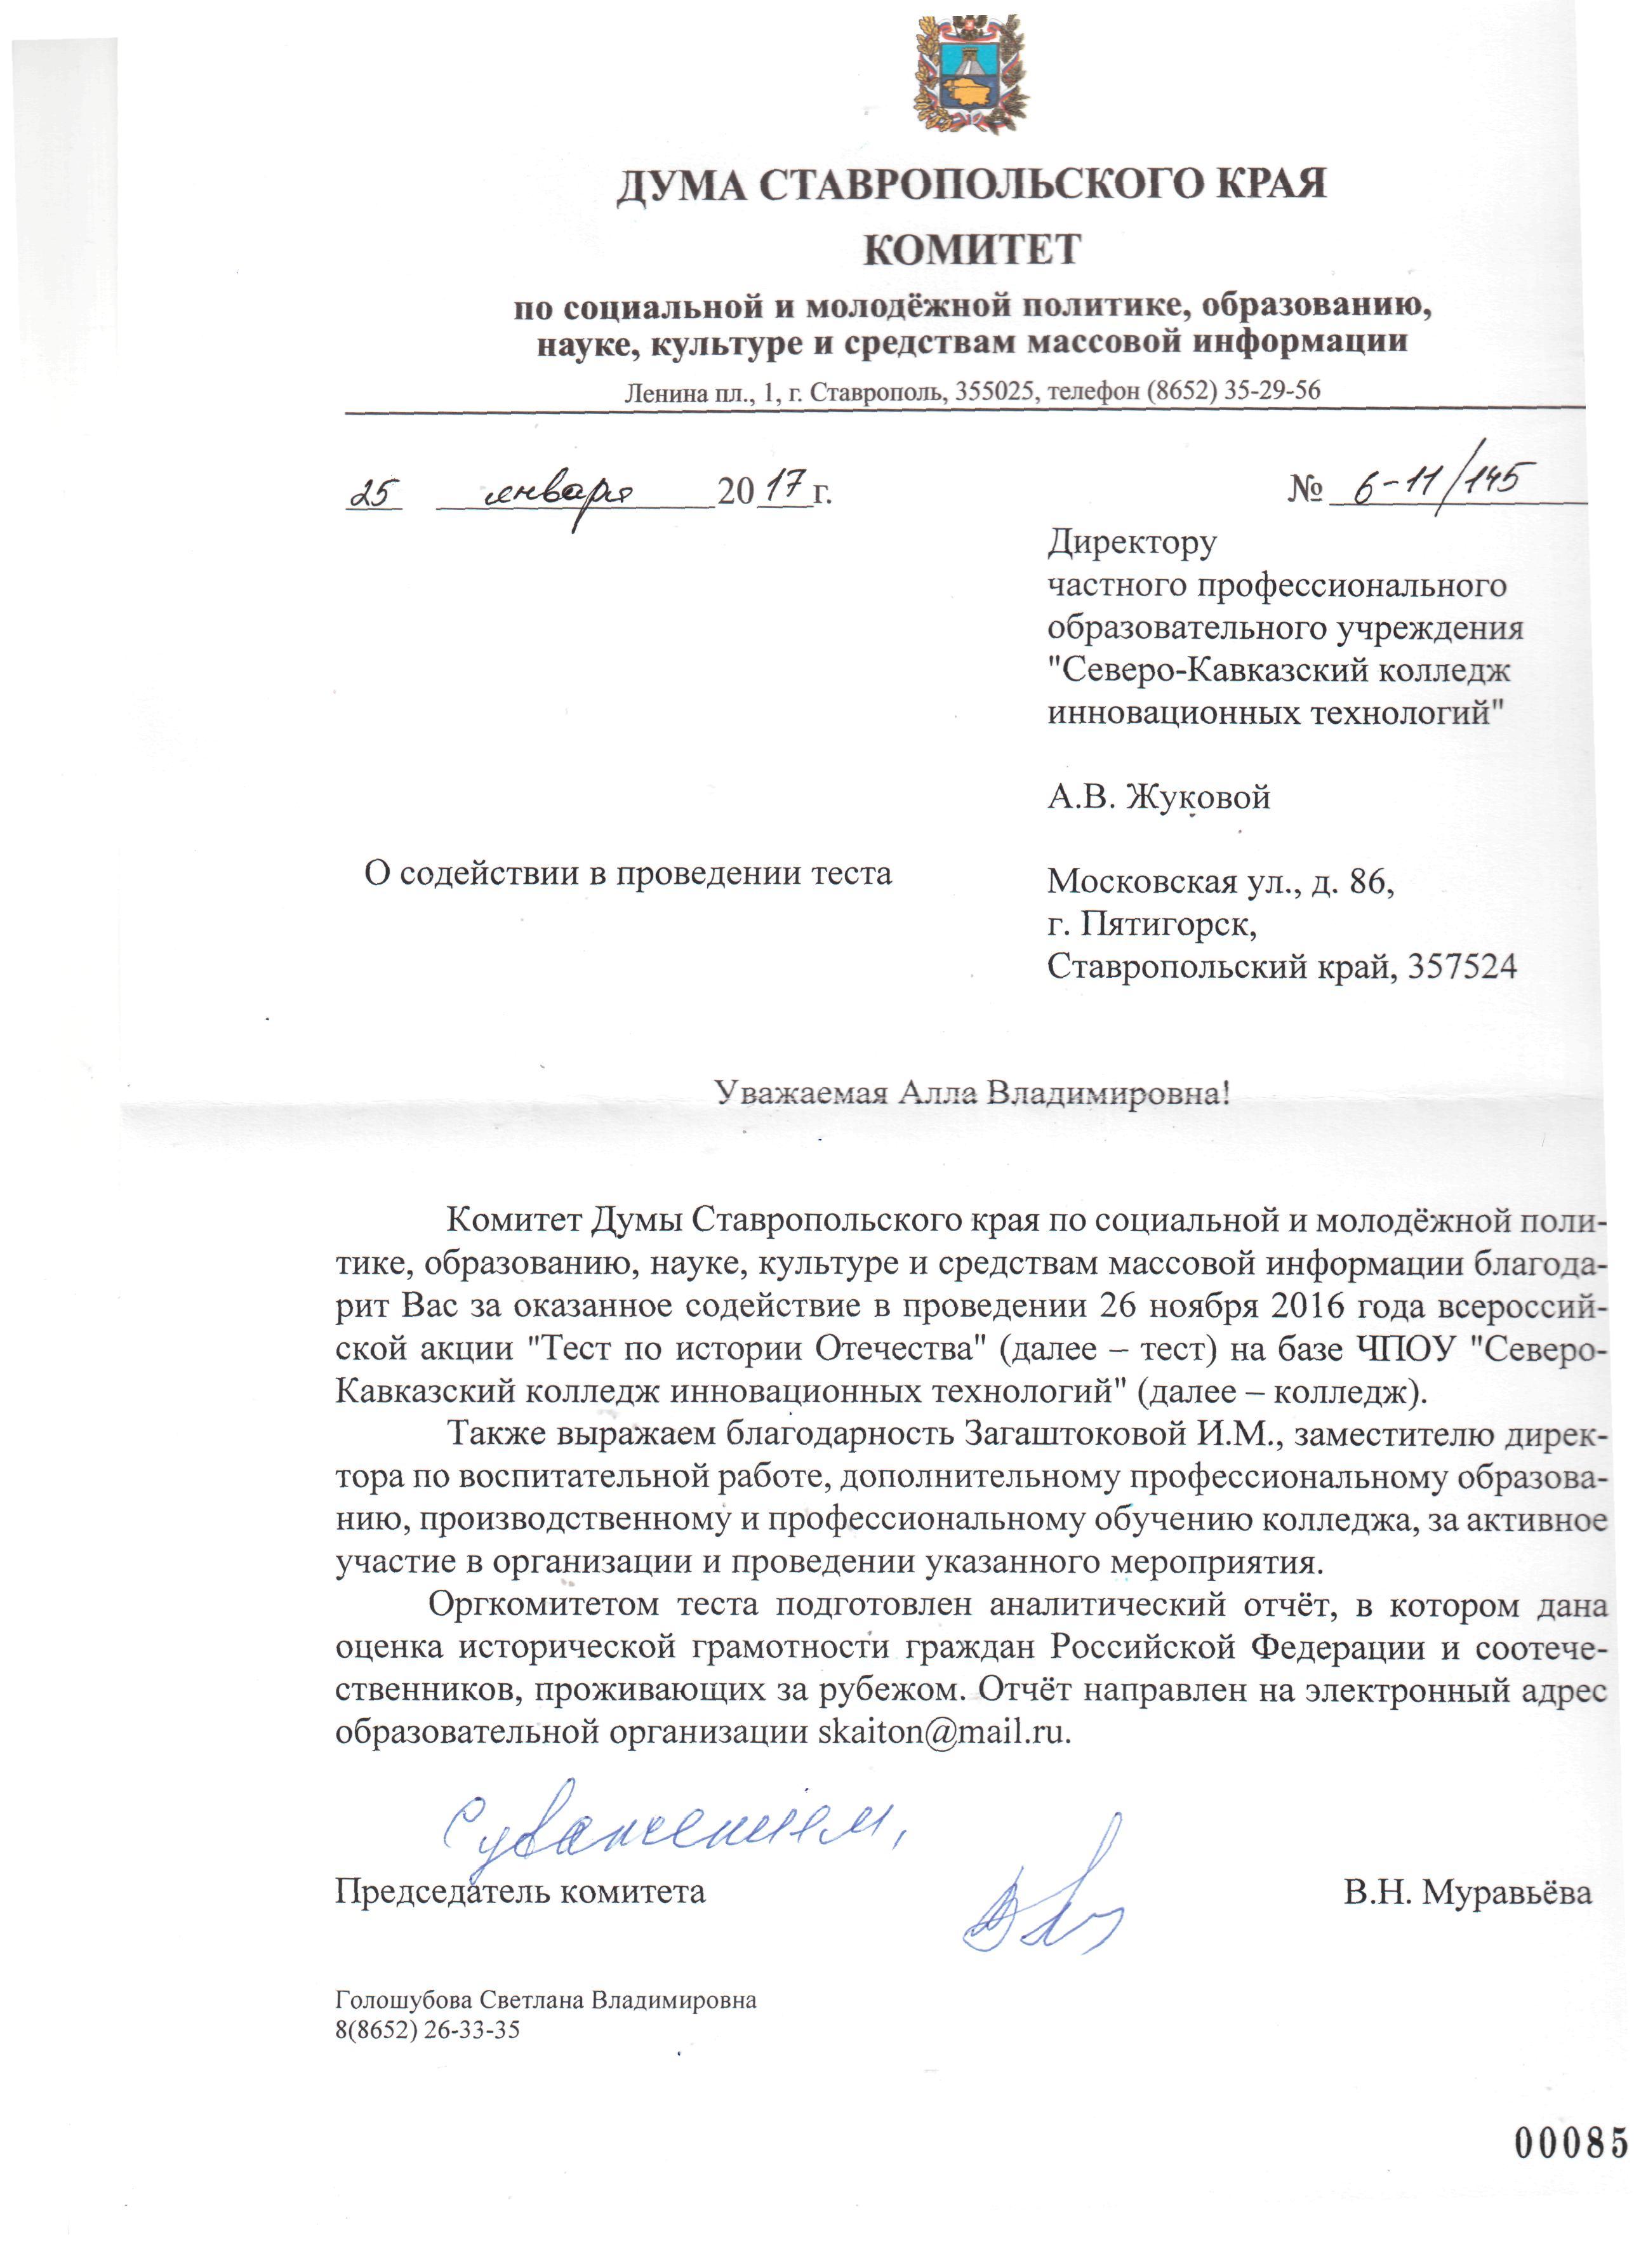 Грамоты дипломы письма ЧПОУ СПО СККИТ  Филиал